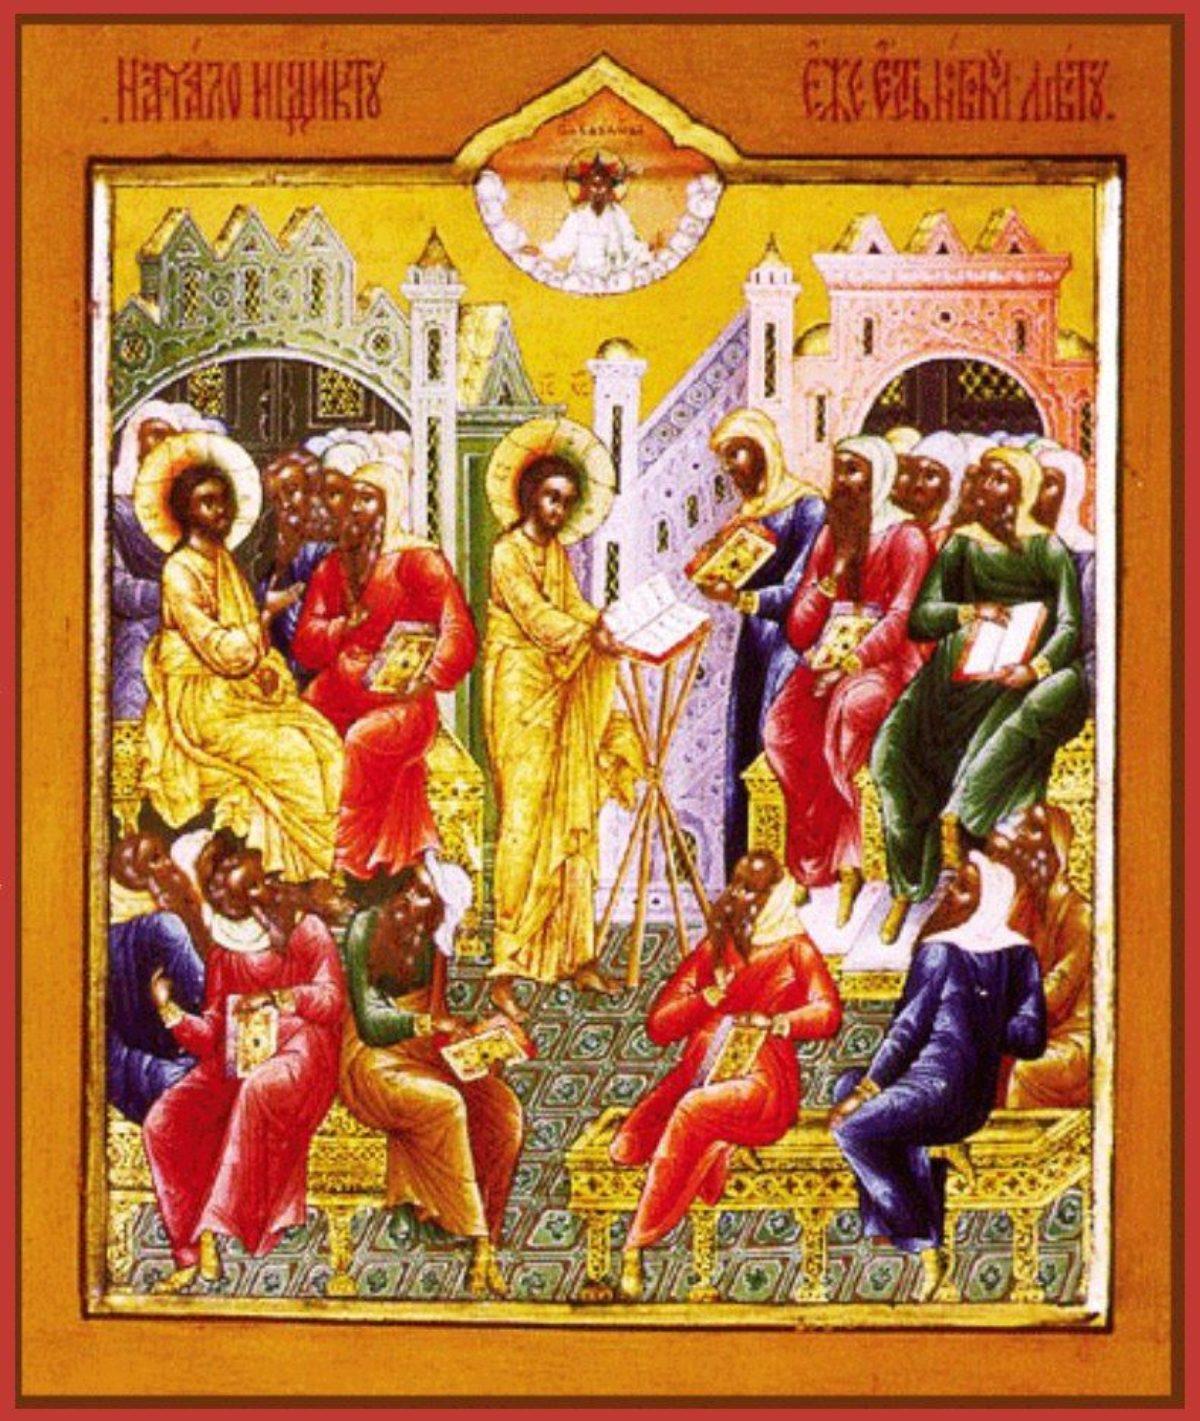 Празднование Начала индикта — церковного новолетия